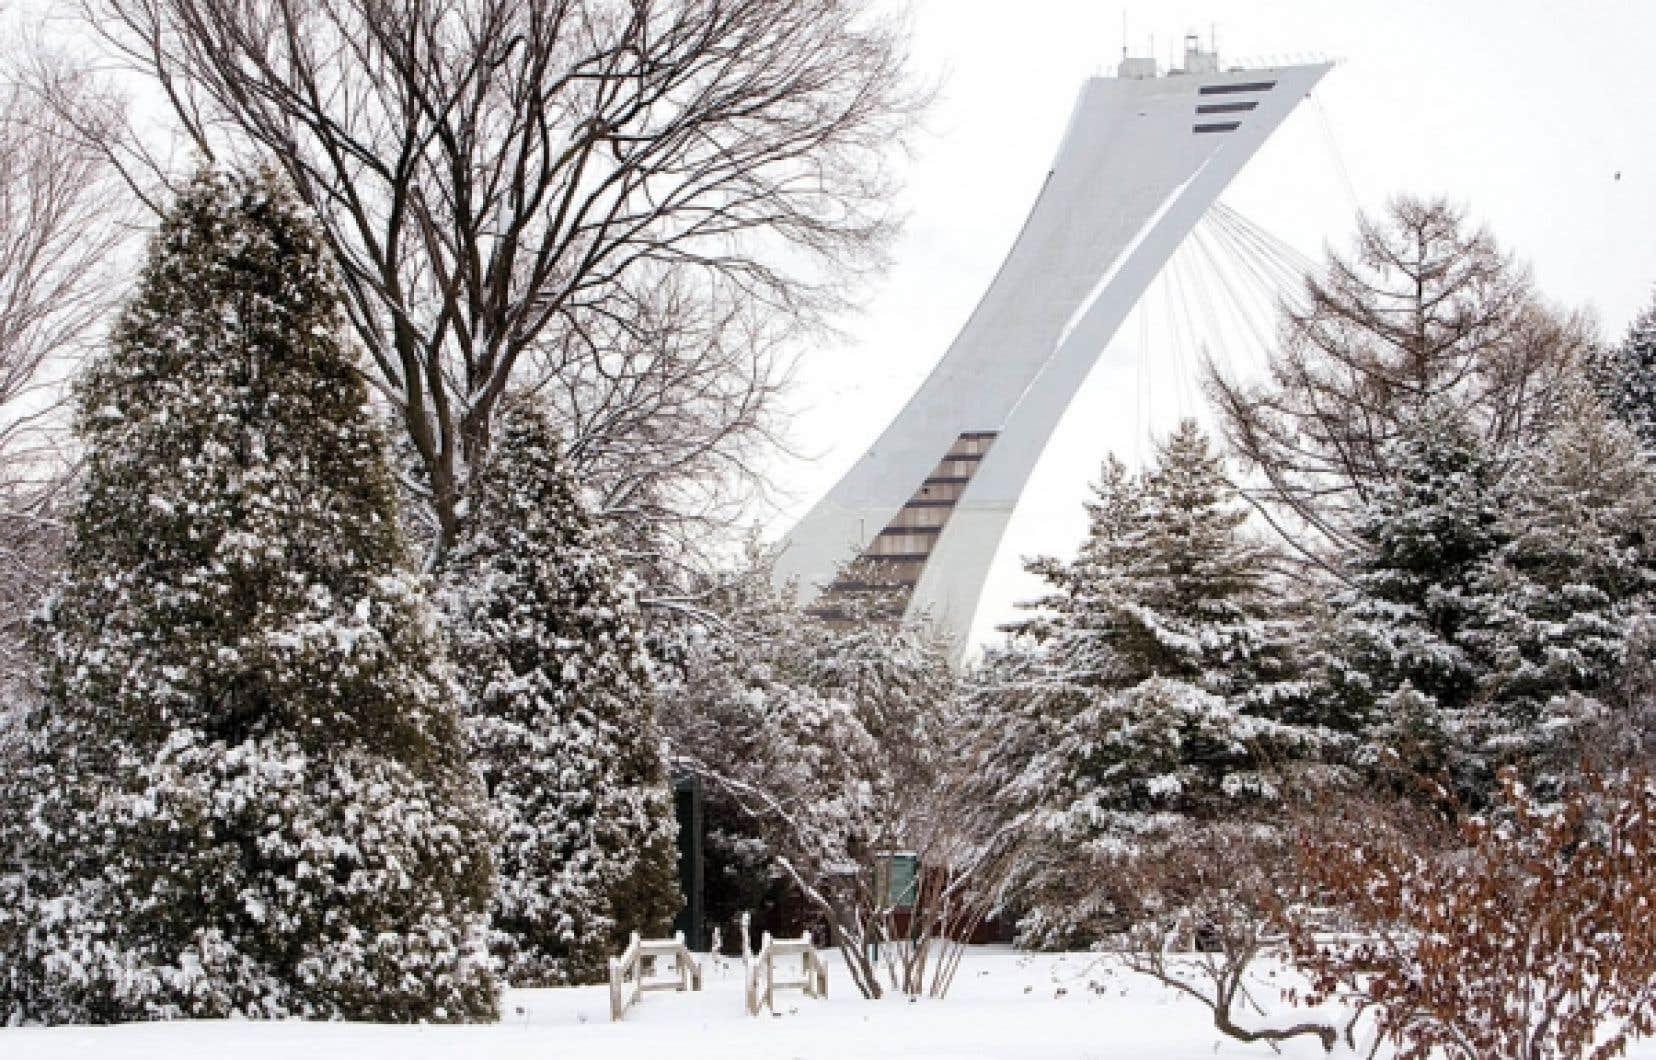 Le salon Habitat ville et banlieue se tiendra au Stade olympique du 24 au 27 février.